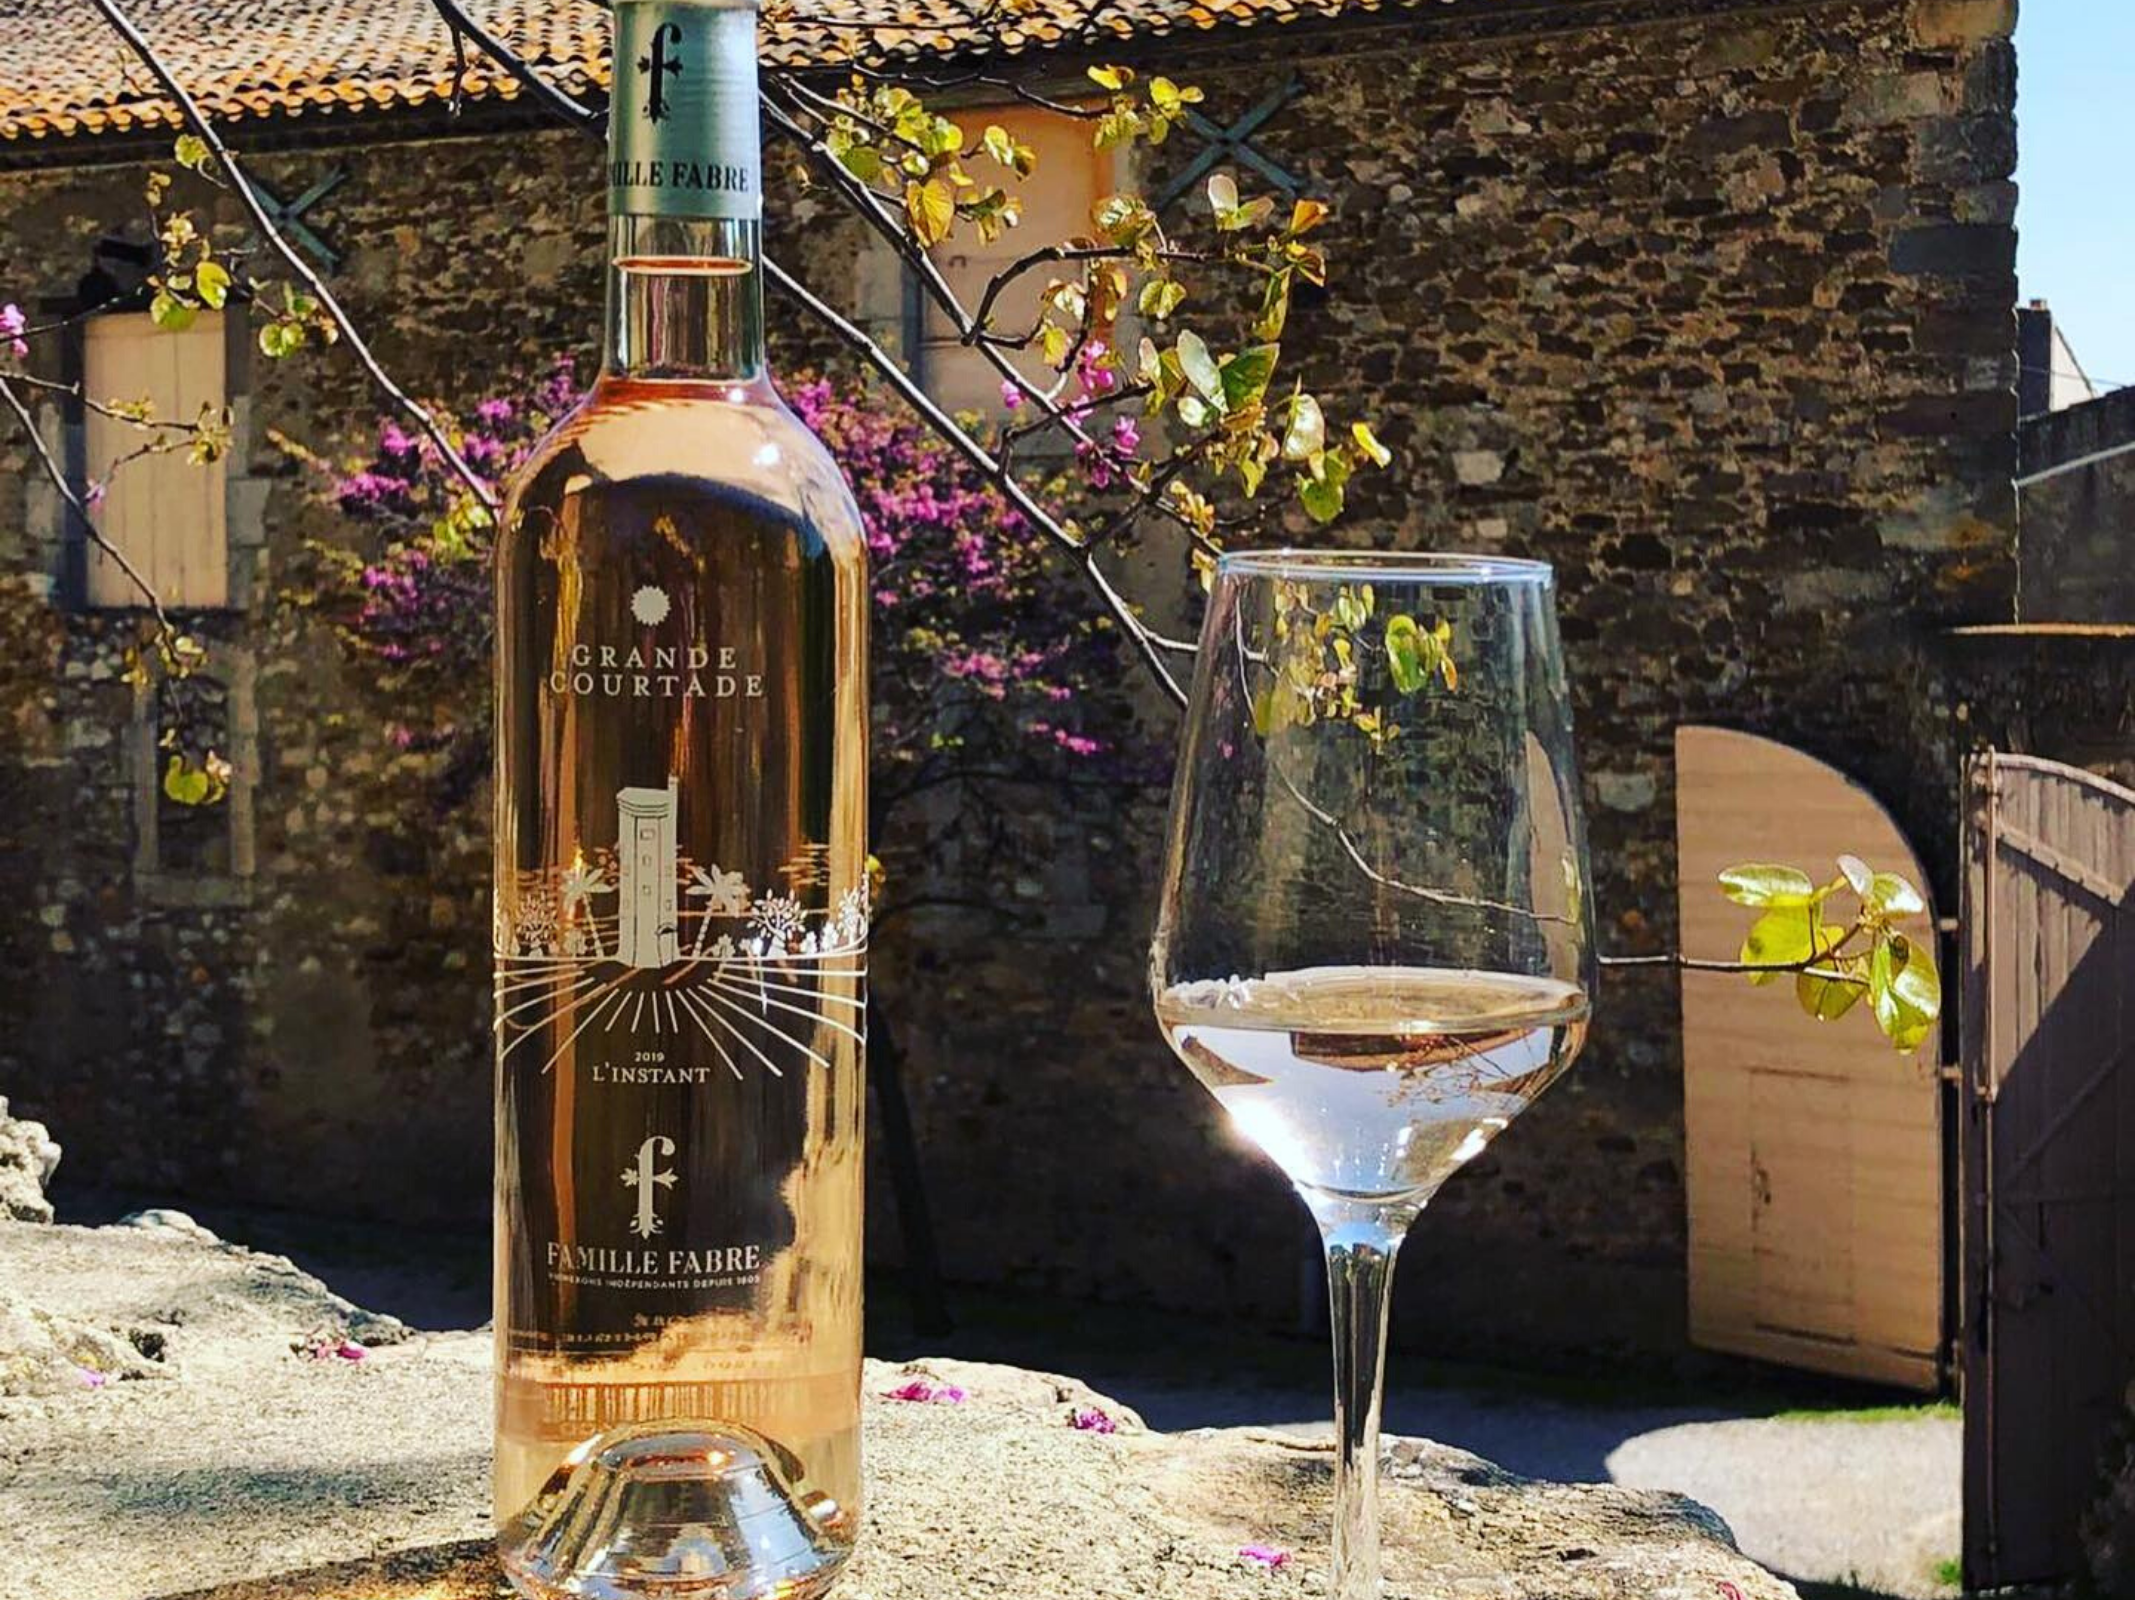 Vin rosé Famille Fabre - Marché des producteurs - Les Trésoms Annecy